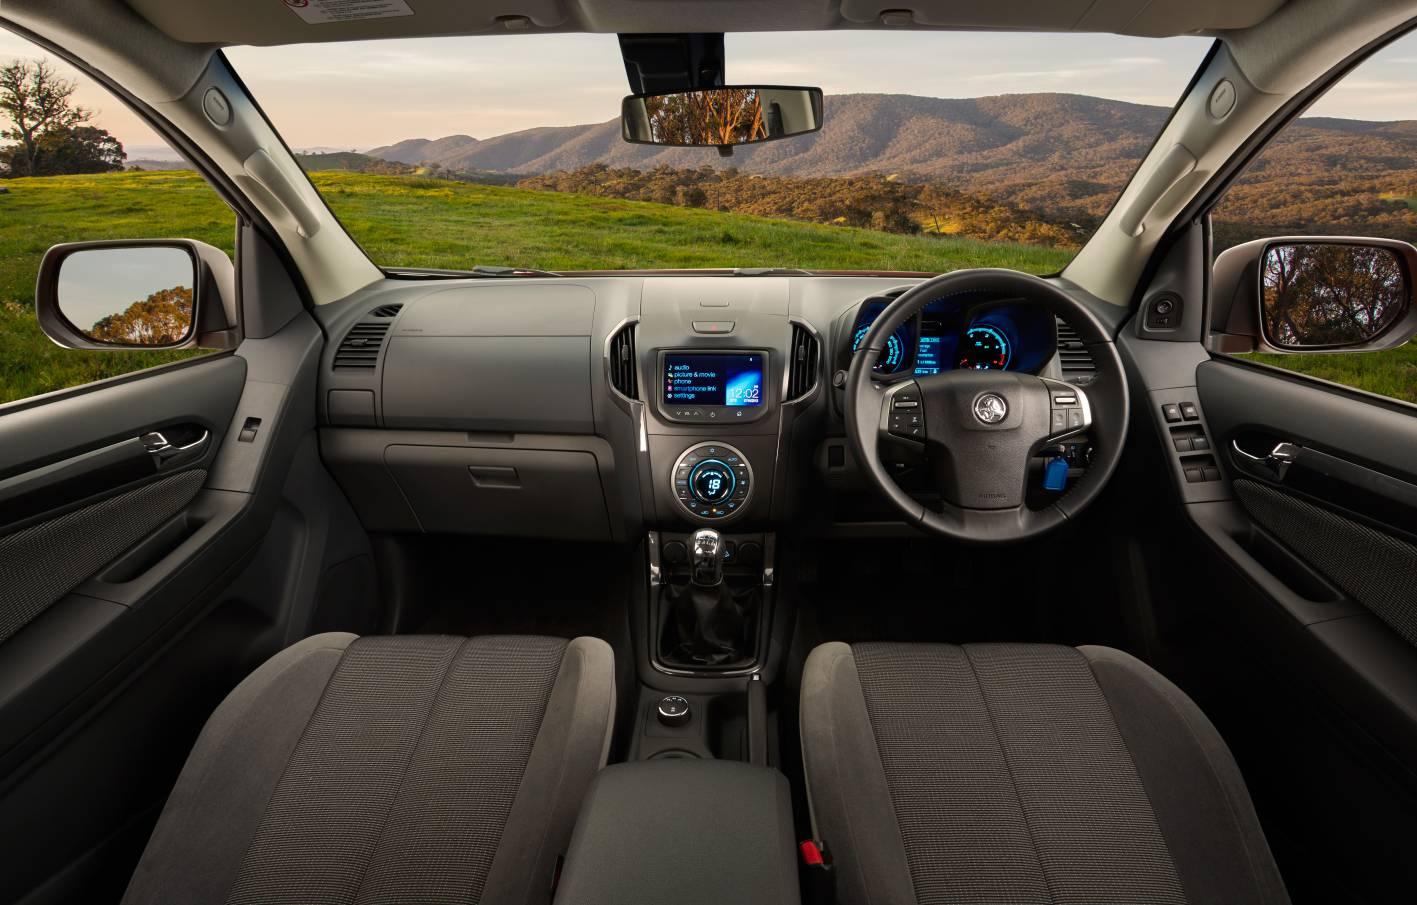 2014 Holden Colorado gets uprated 2.8L diesel, MyLink ...